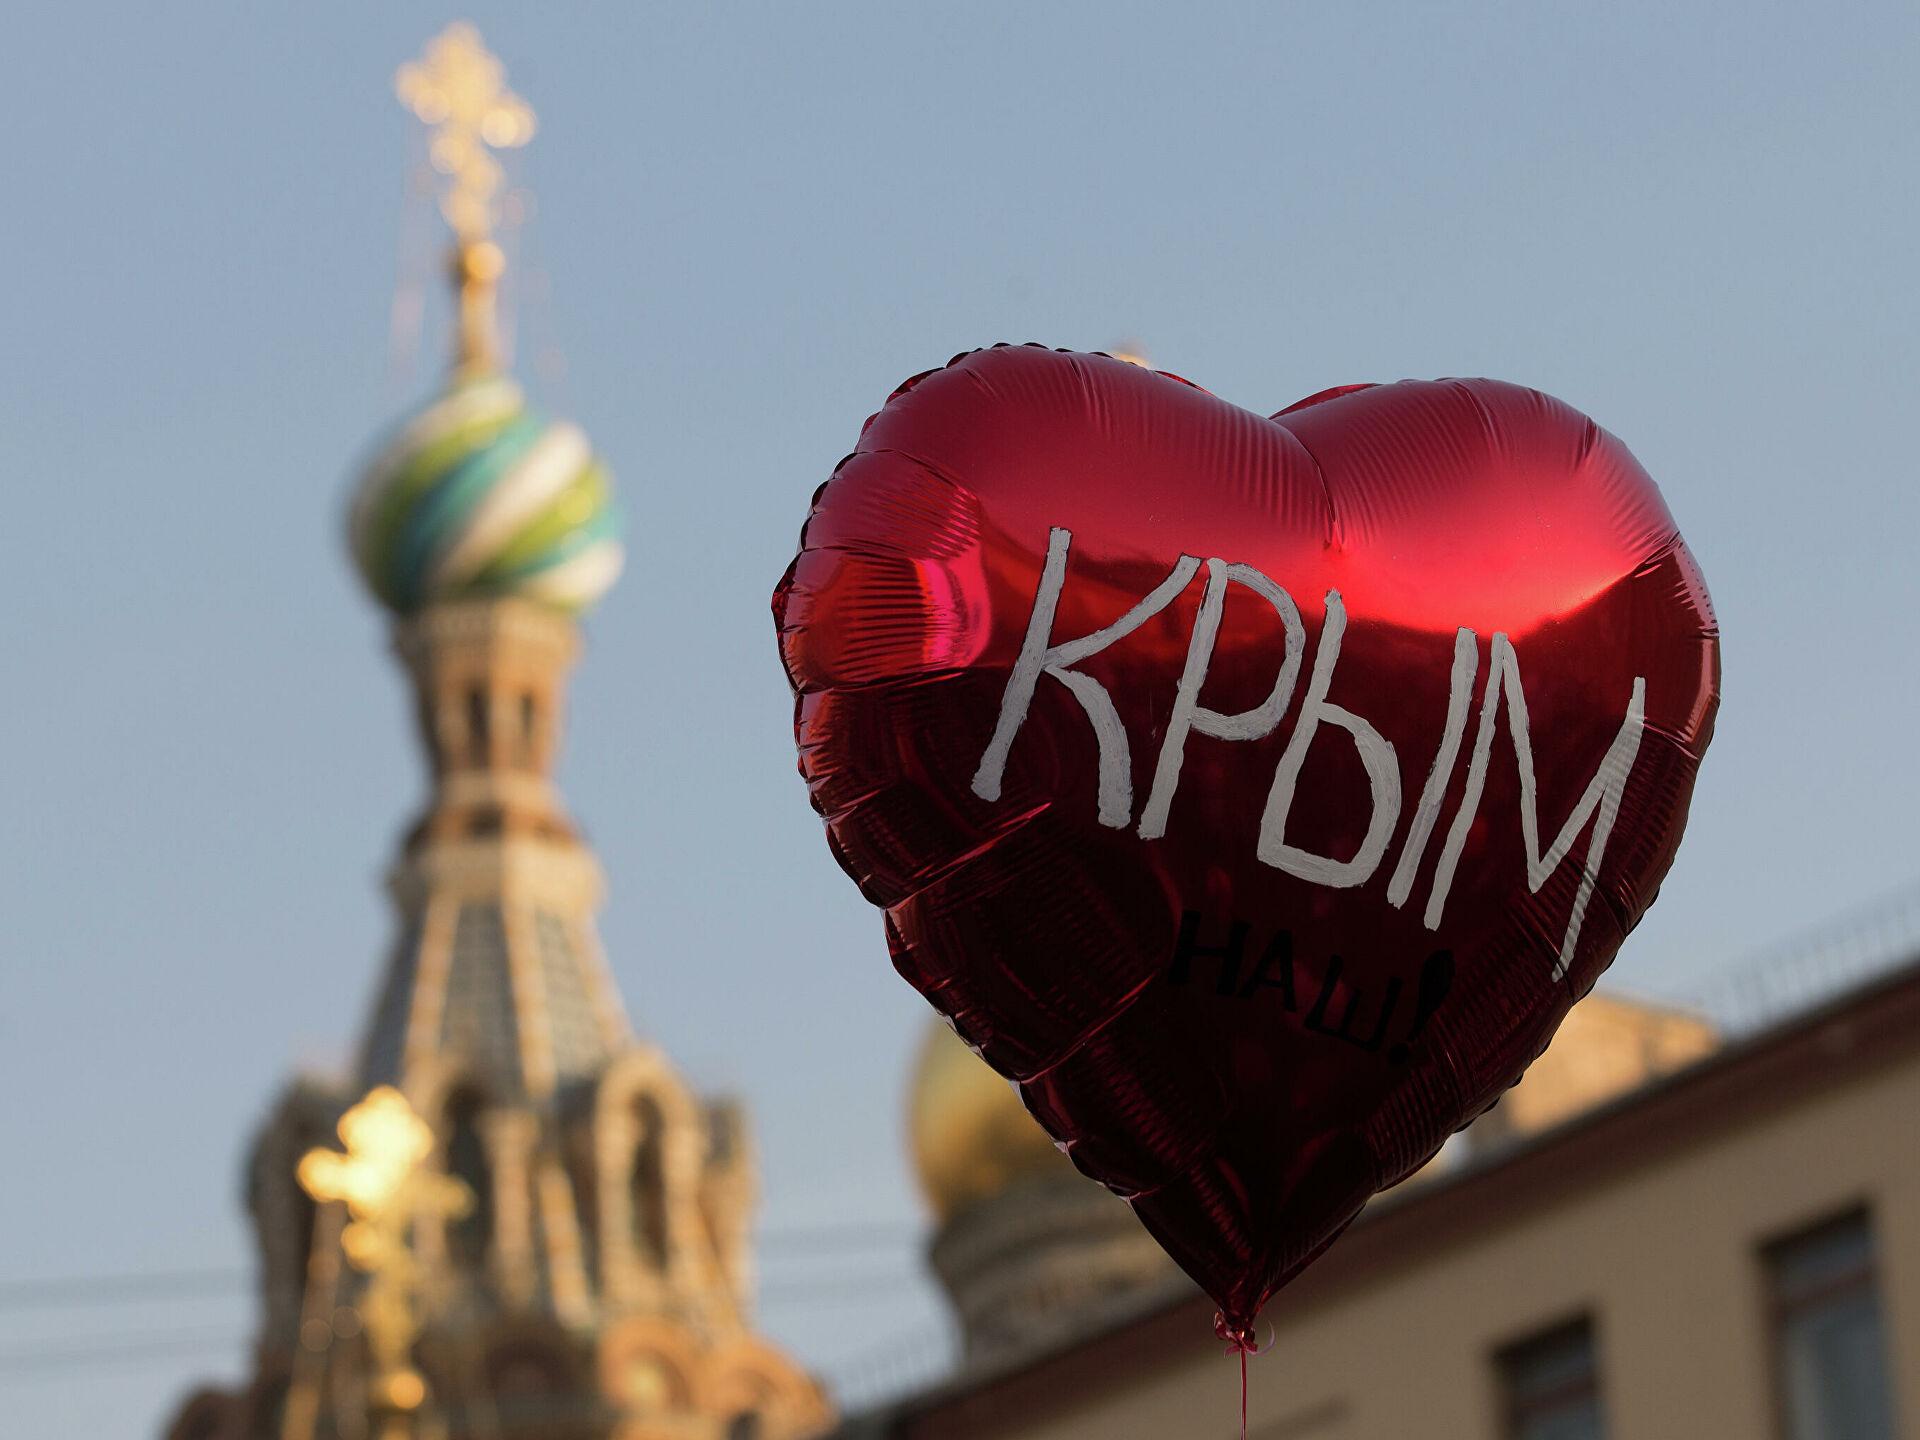 В Тверской области годовщину присоединения Крыма отметят квизом